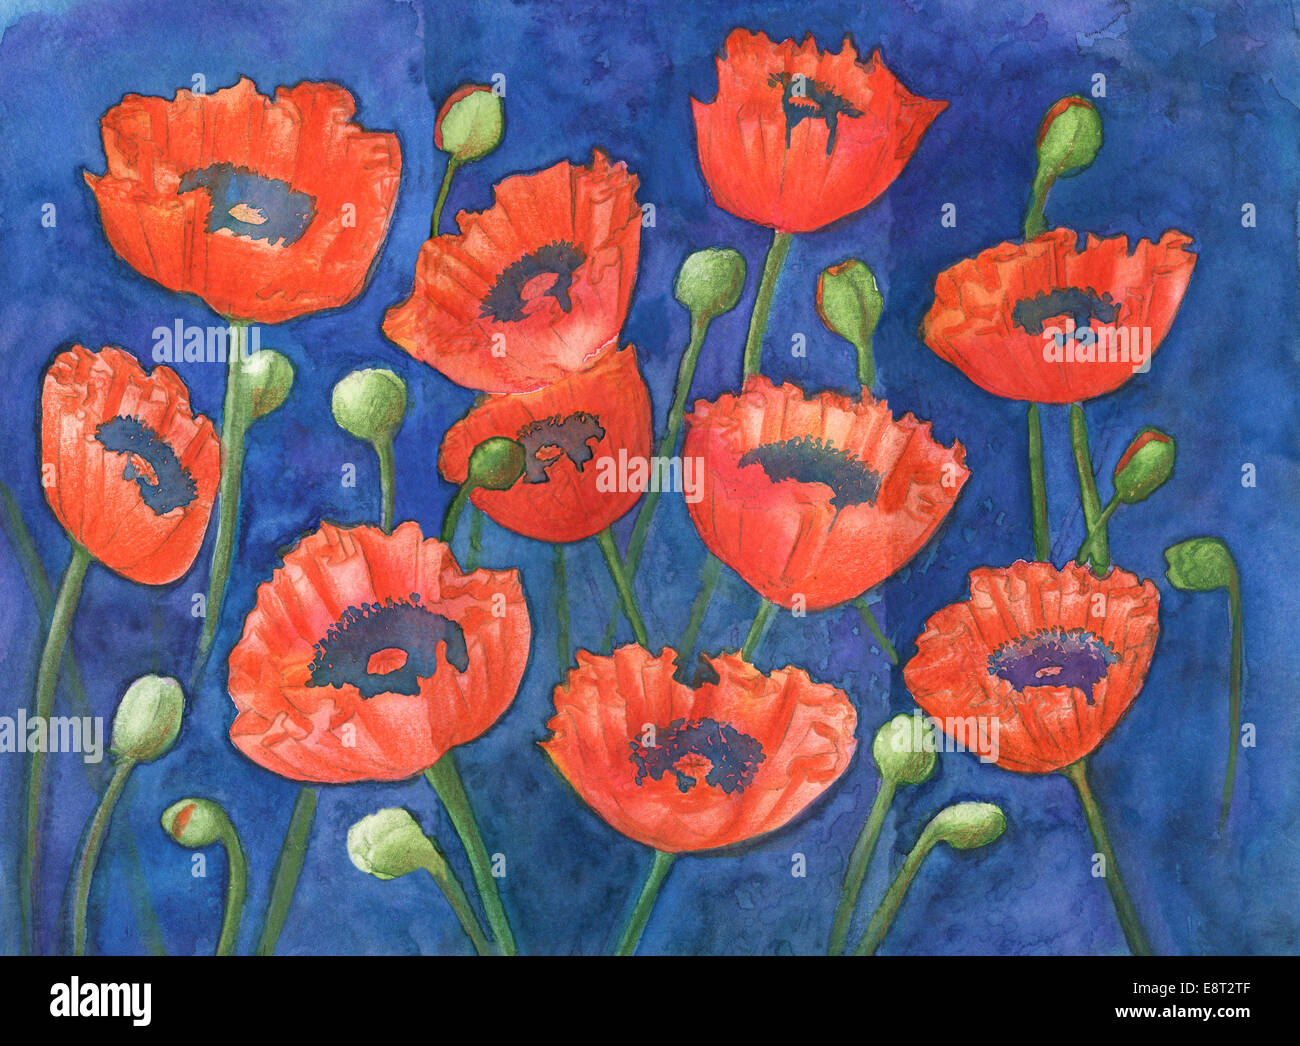 Papaveri rossi e gemme di colore verde sul blu, Originale acquerello e gouache pittura Immagini Stock